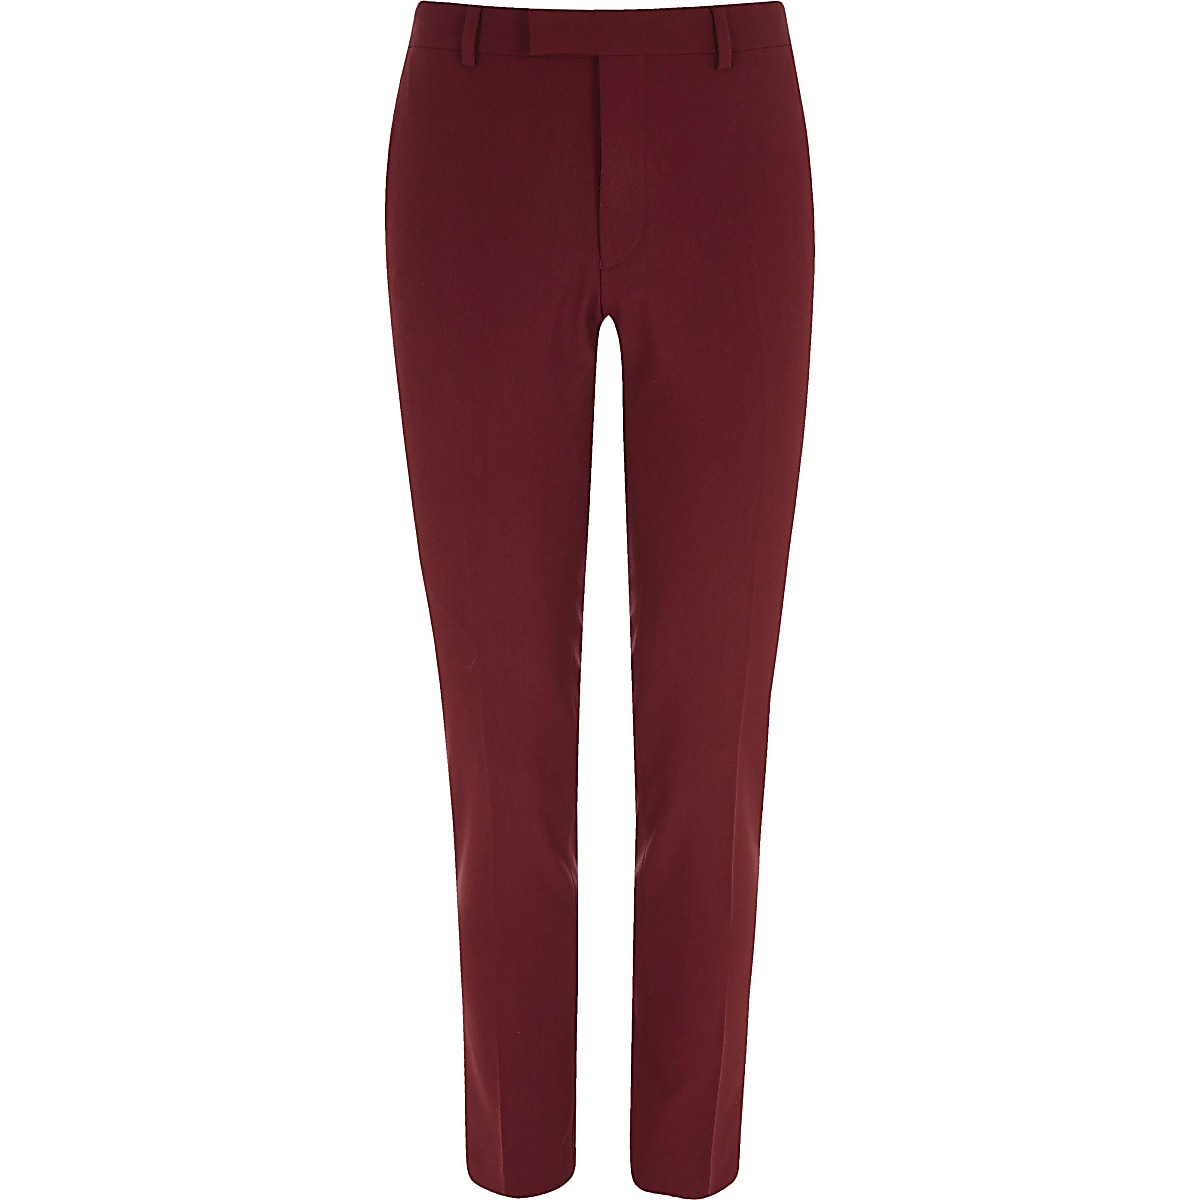 cceedb9c54fa1 Pantalon de costume super skinny rouge - Pantalons de costume ...